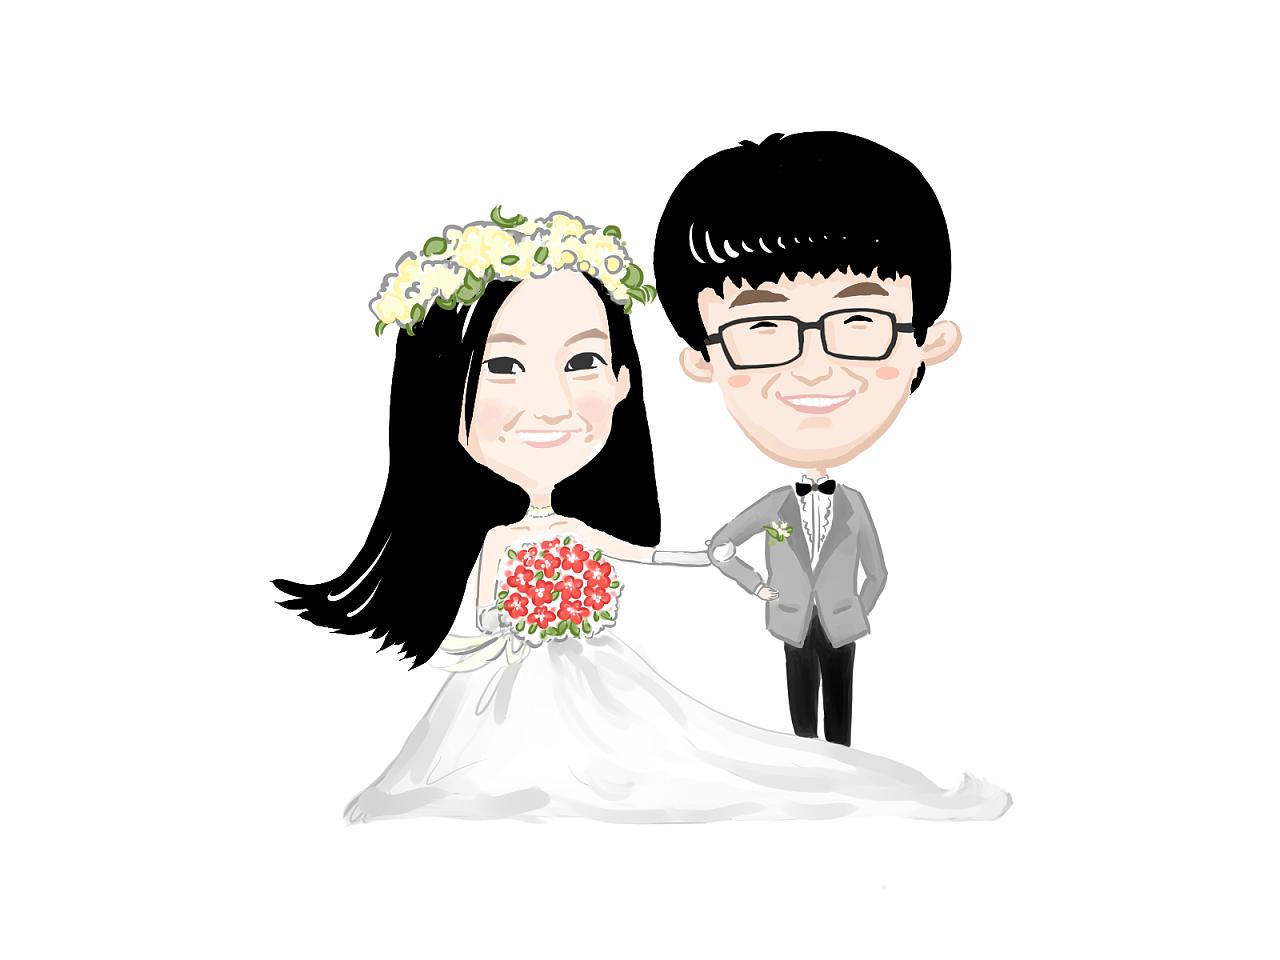 手绘结婚照 卡通形象|插画|儿童插画|落积 - 原创作品